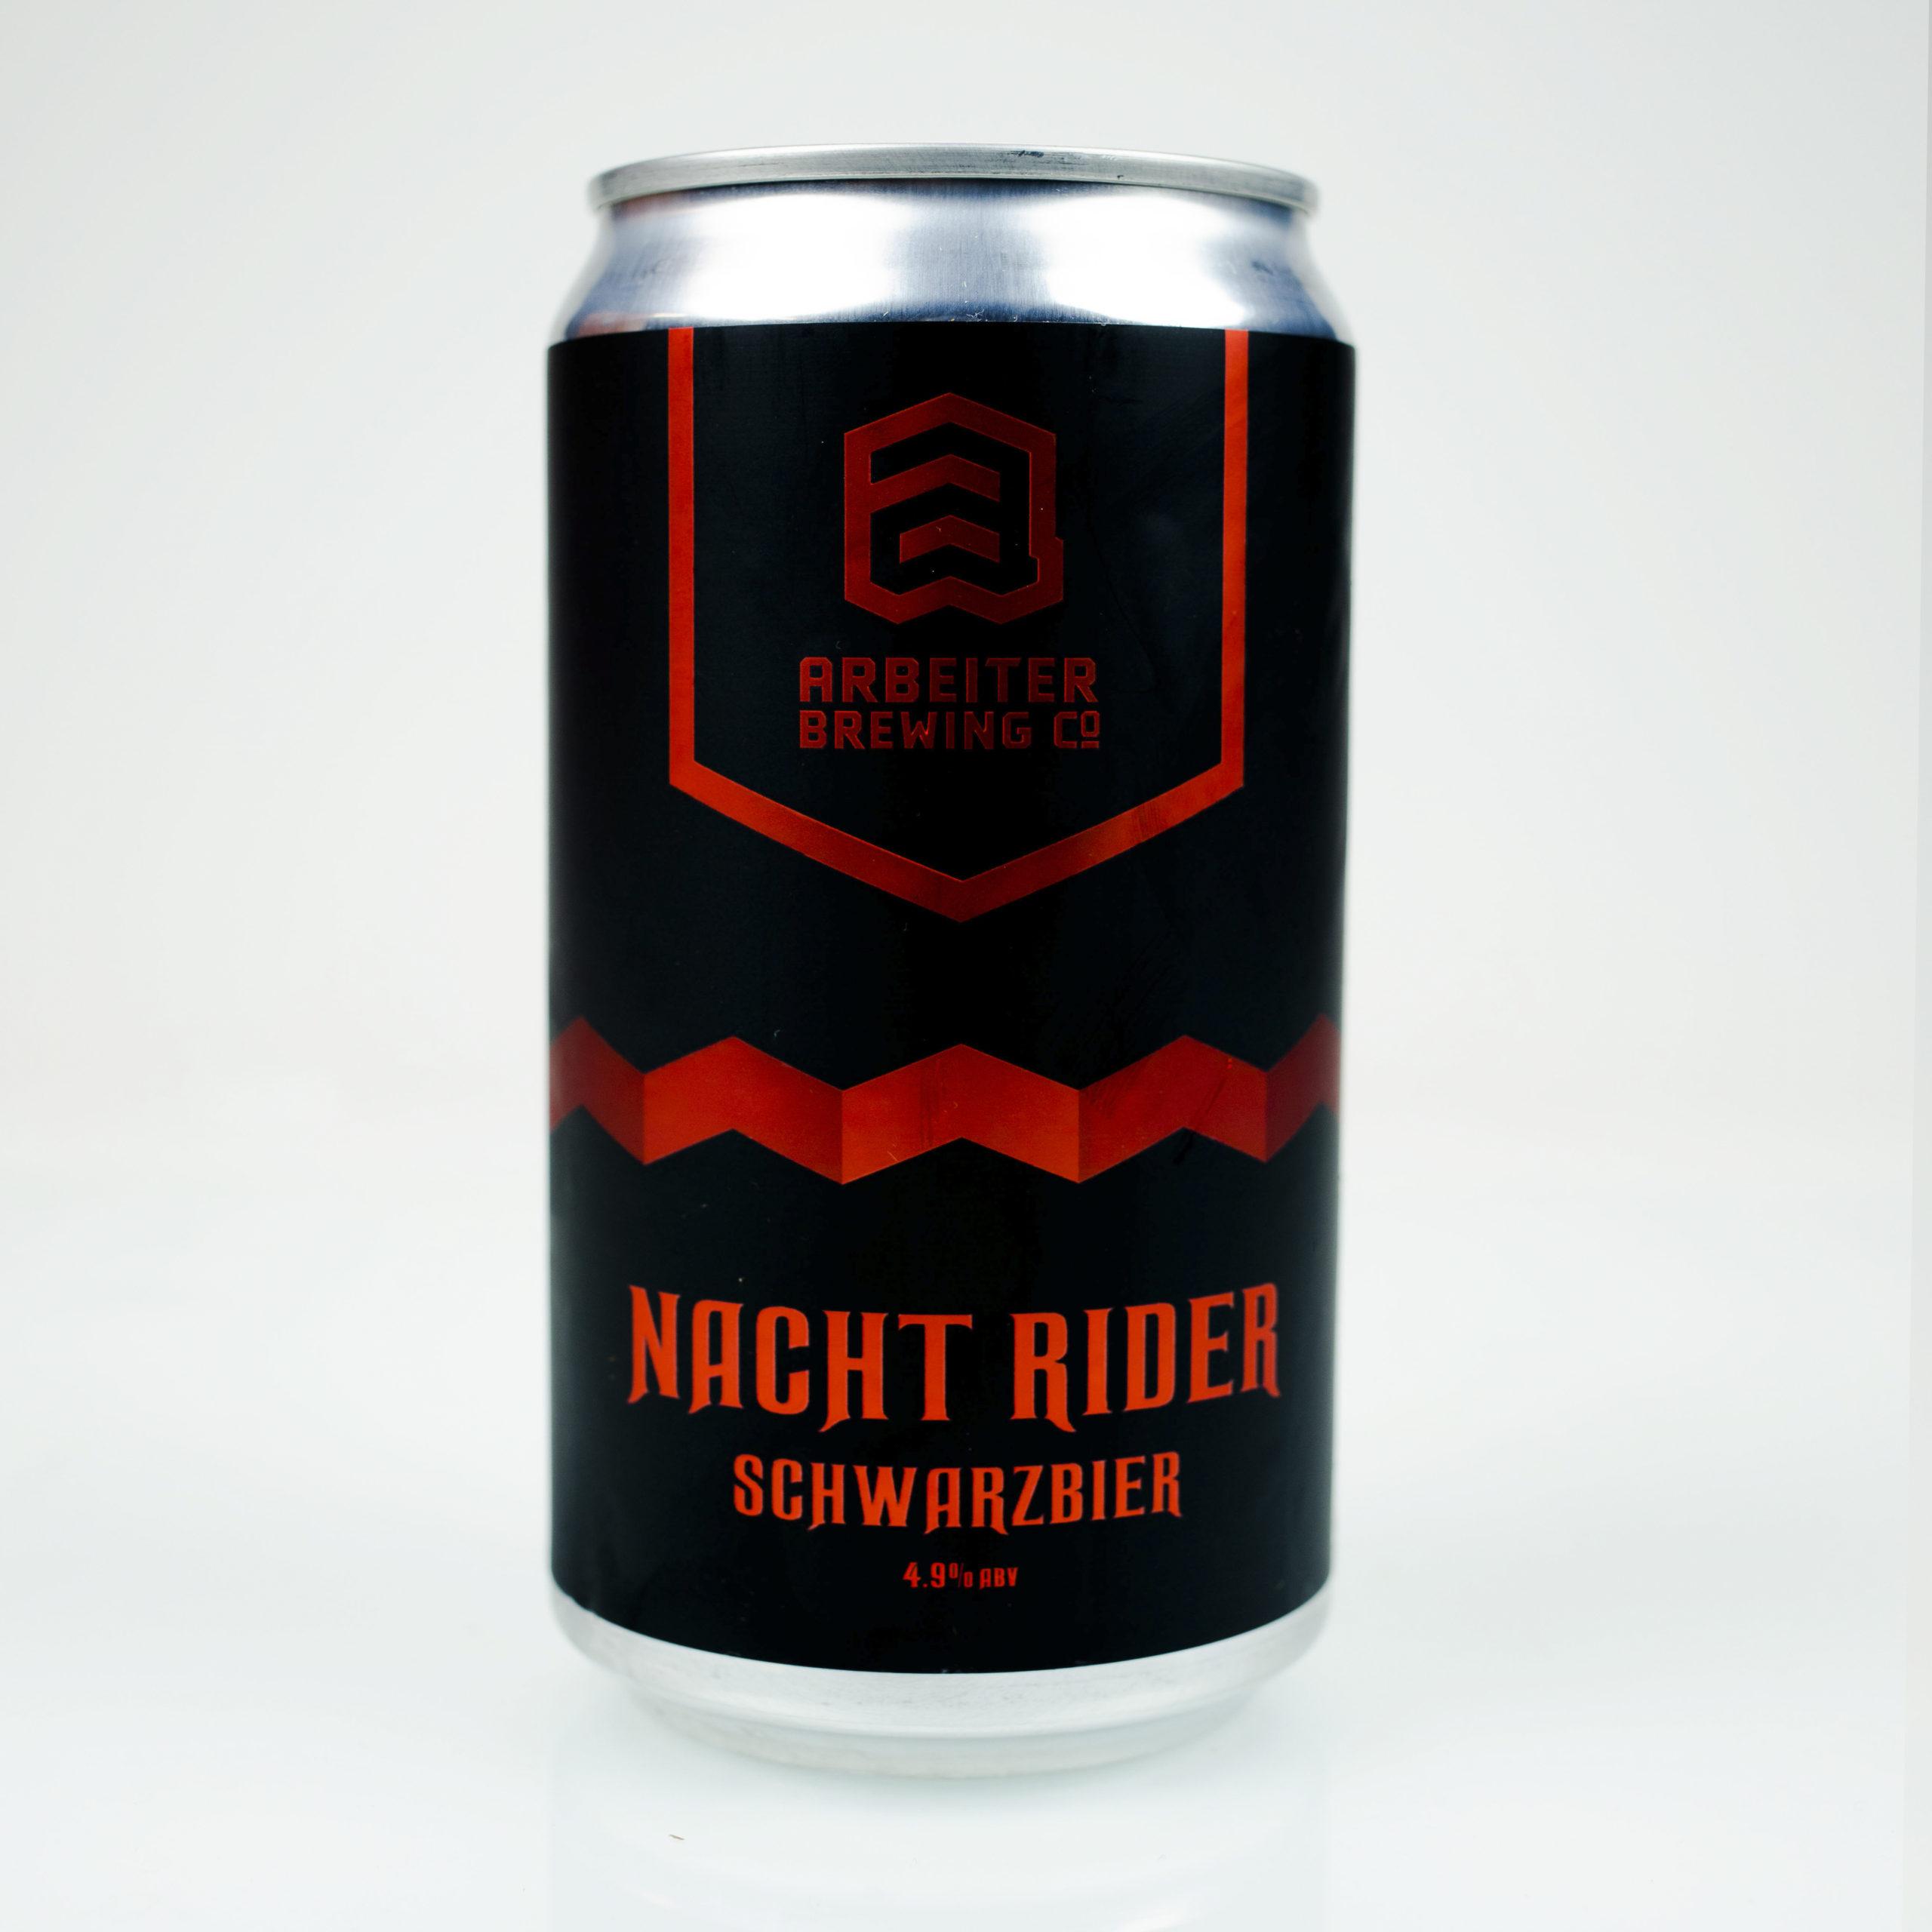 Nacht Rider Schwarzbier